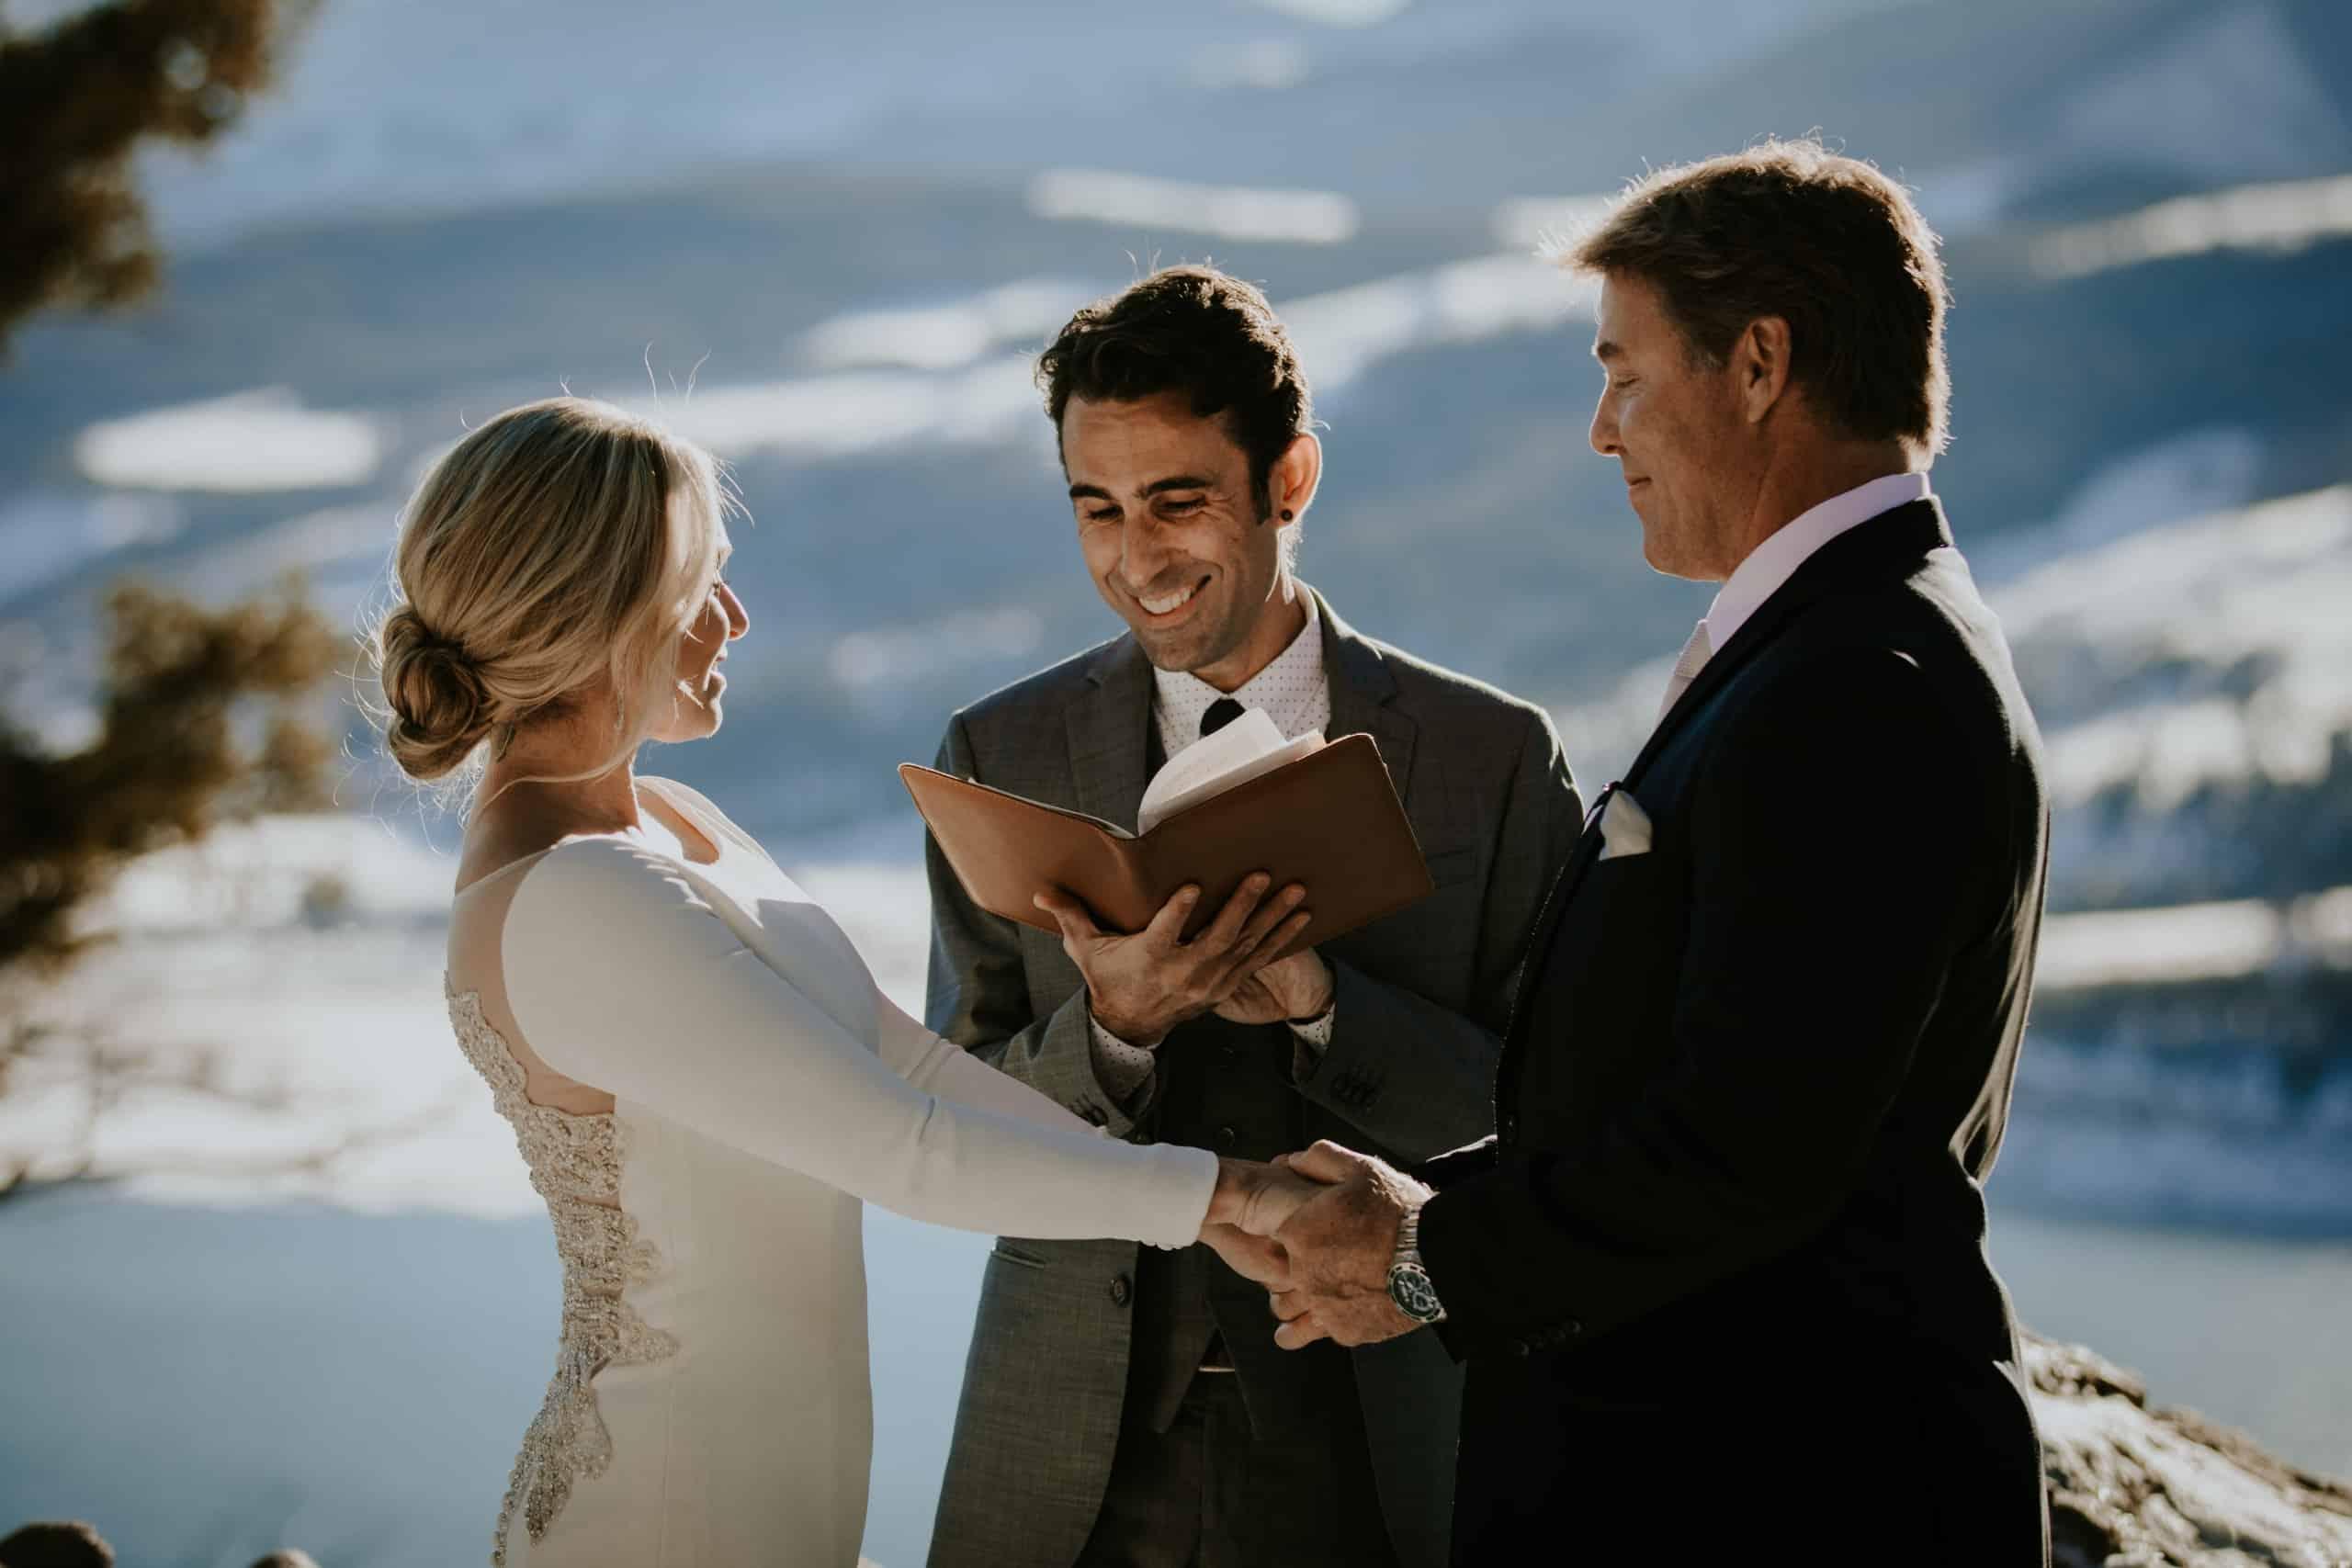 Colorado Wedding Officiants